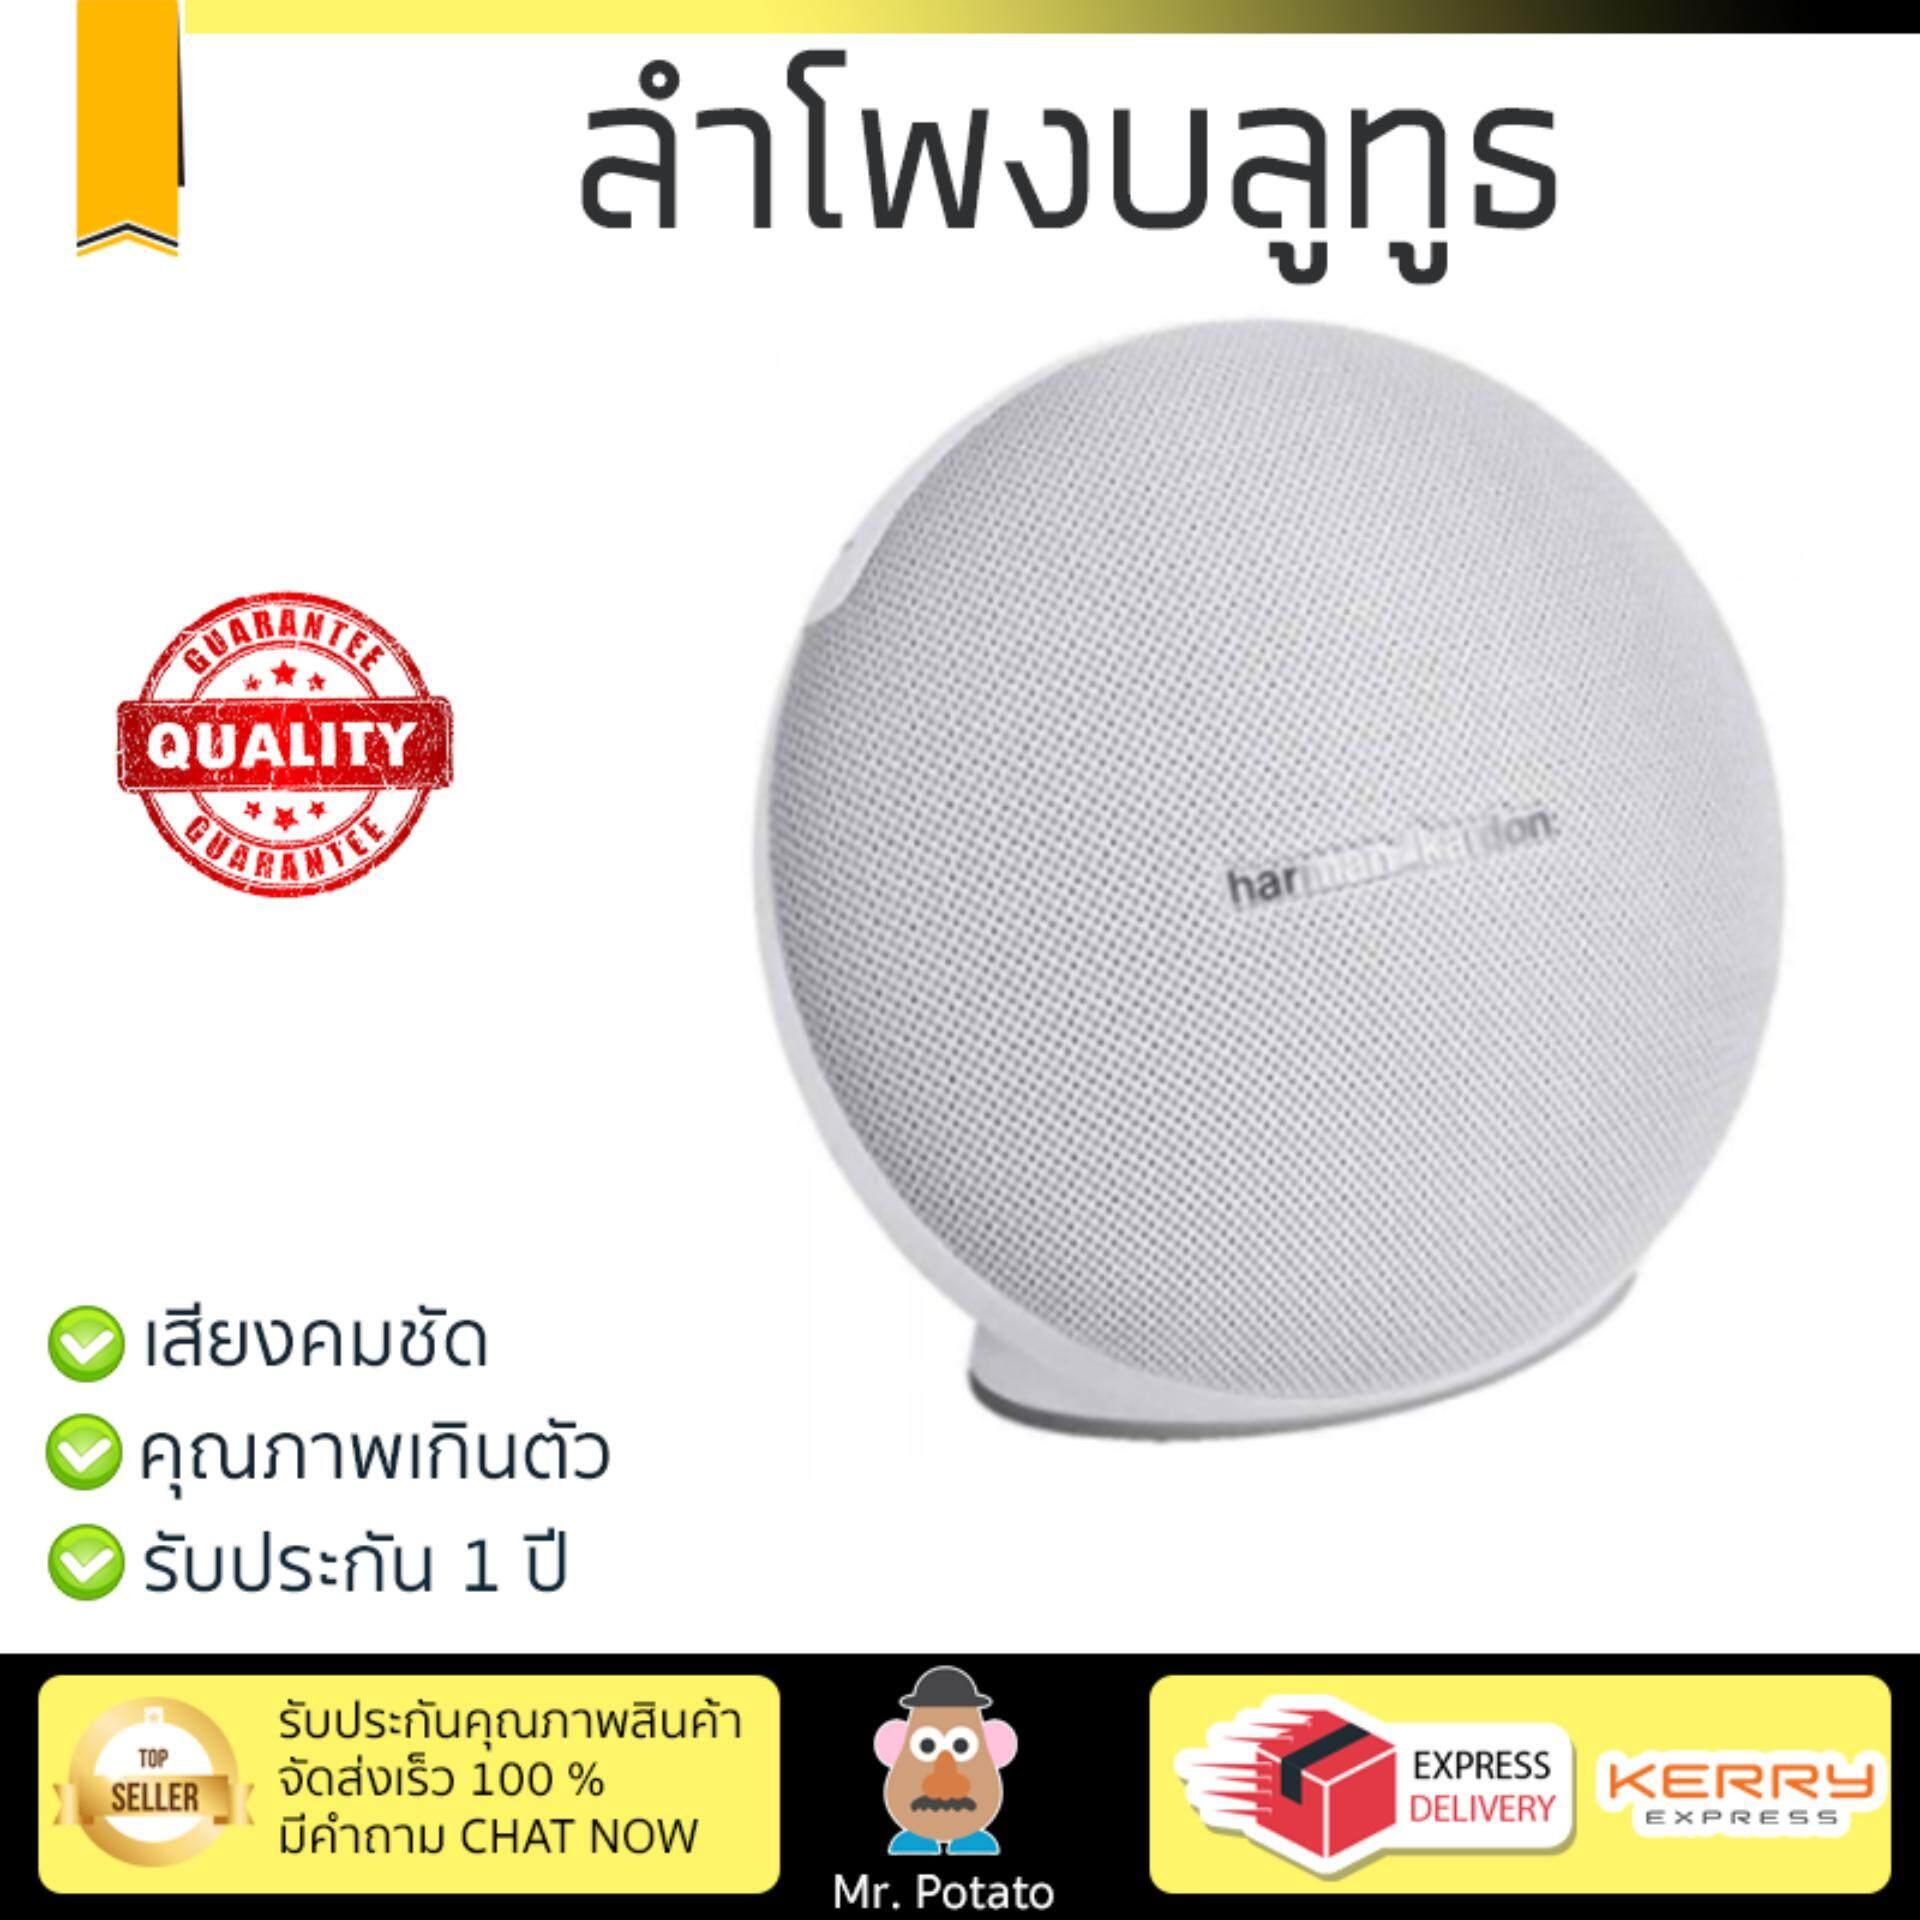 การใช้งาน  ศรีสะเกษ จัดส่งฟรี ลำโพงบลูทูธ  Harman Kardon Bluetooth Speaker 2.1 Onyx Mini White เสียงใส คุณภาพเกินตัว Wireless Bluetooth Speaker รับประกัน 1 ปี